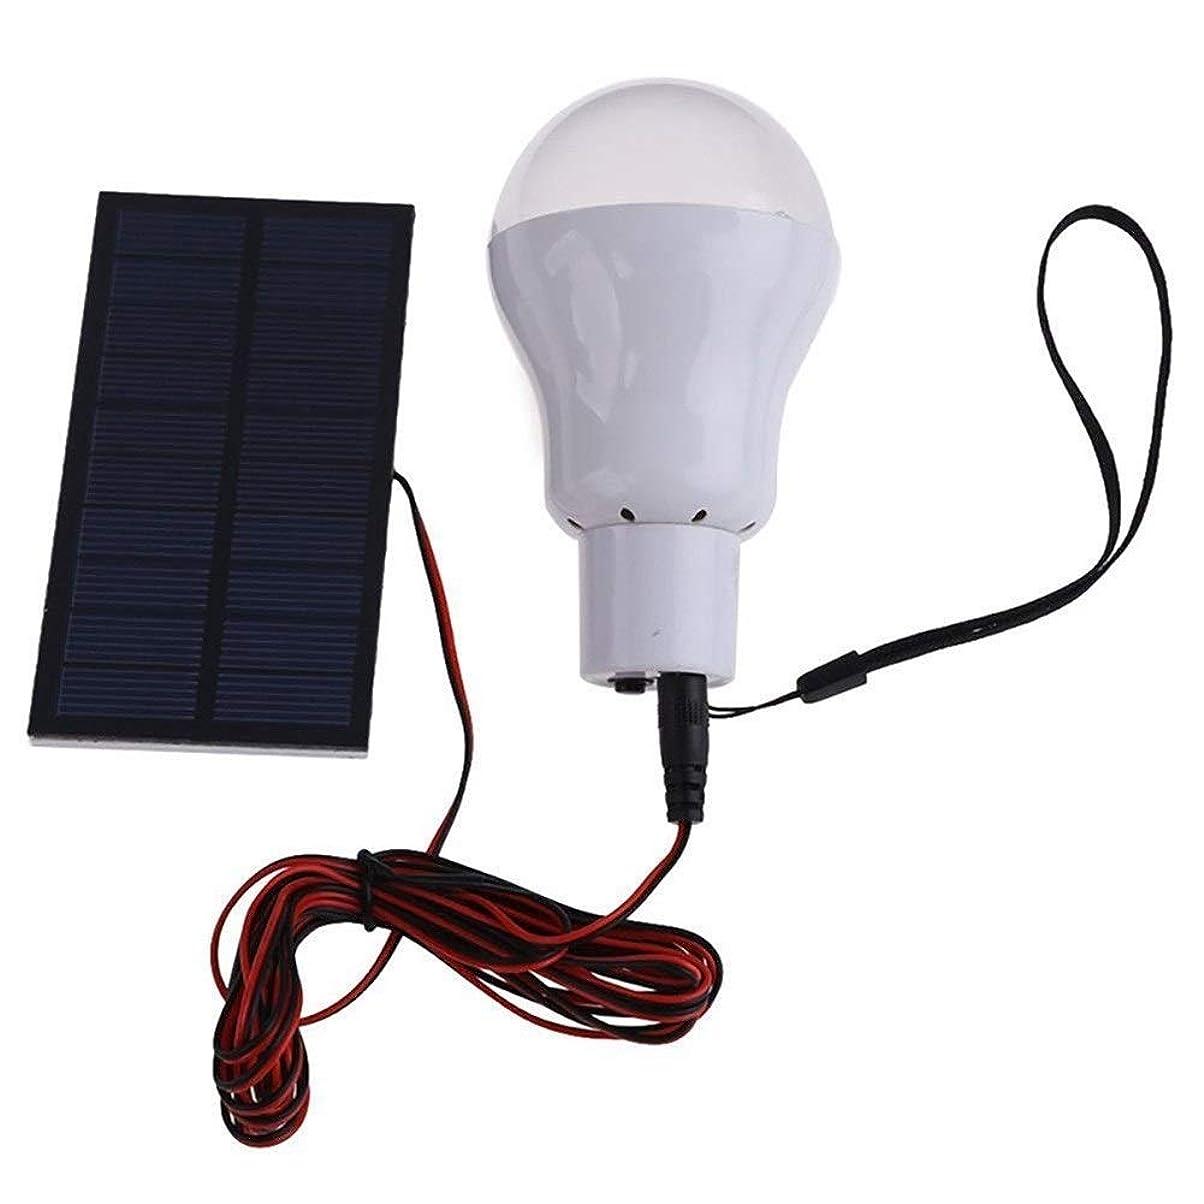 立ち向かうボウリング以下ソーラーライト アウトドアキャンプライトテントソーラーランプ魚光用のソーラーライト15Wソーラーエネルギーランプ5V LED電球 Z.L.F.J.P (Color : 白, Size : One Size)